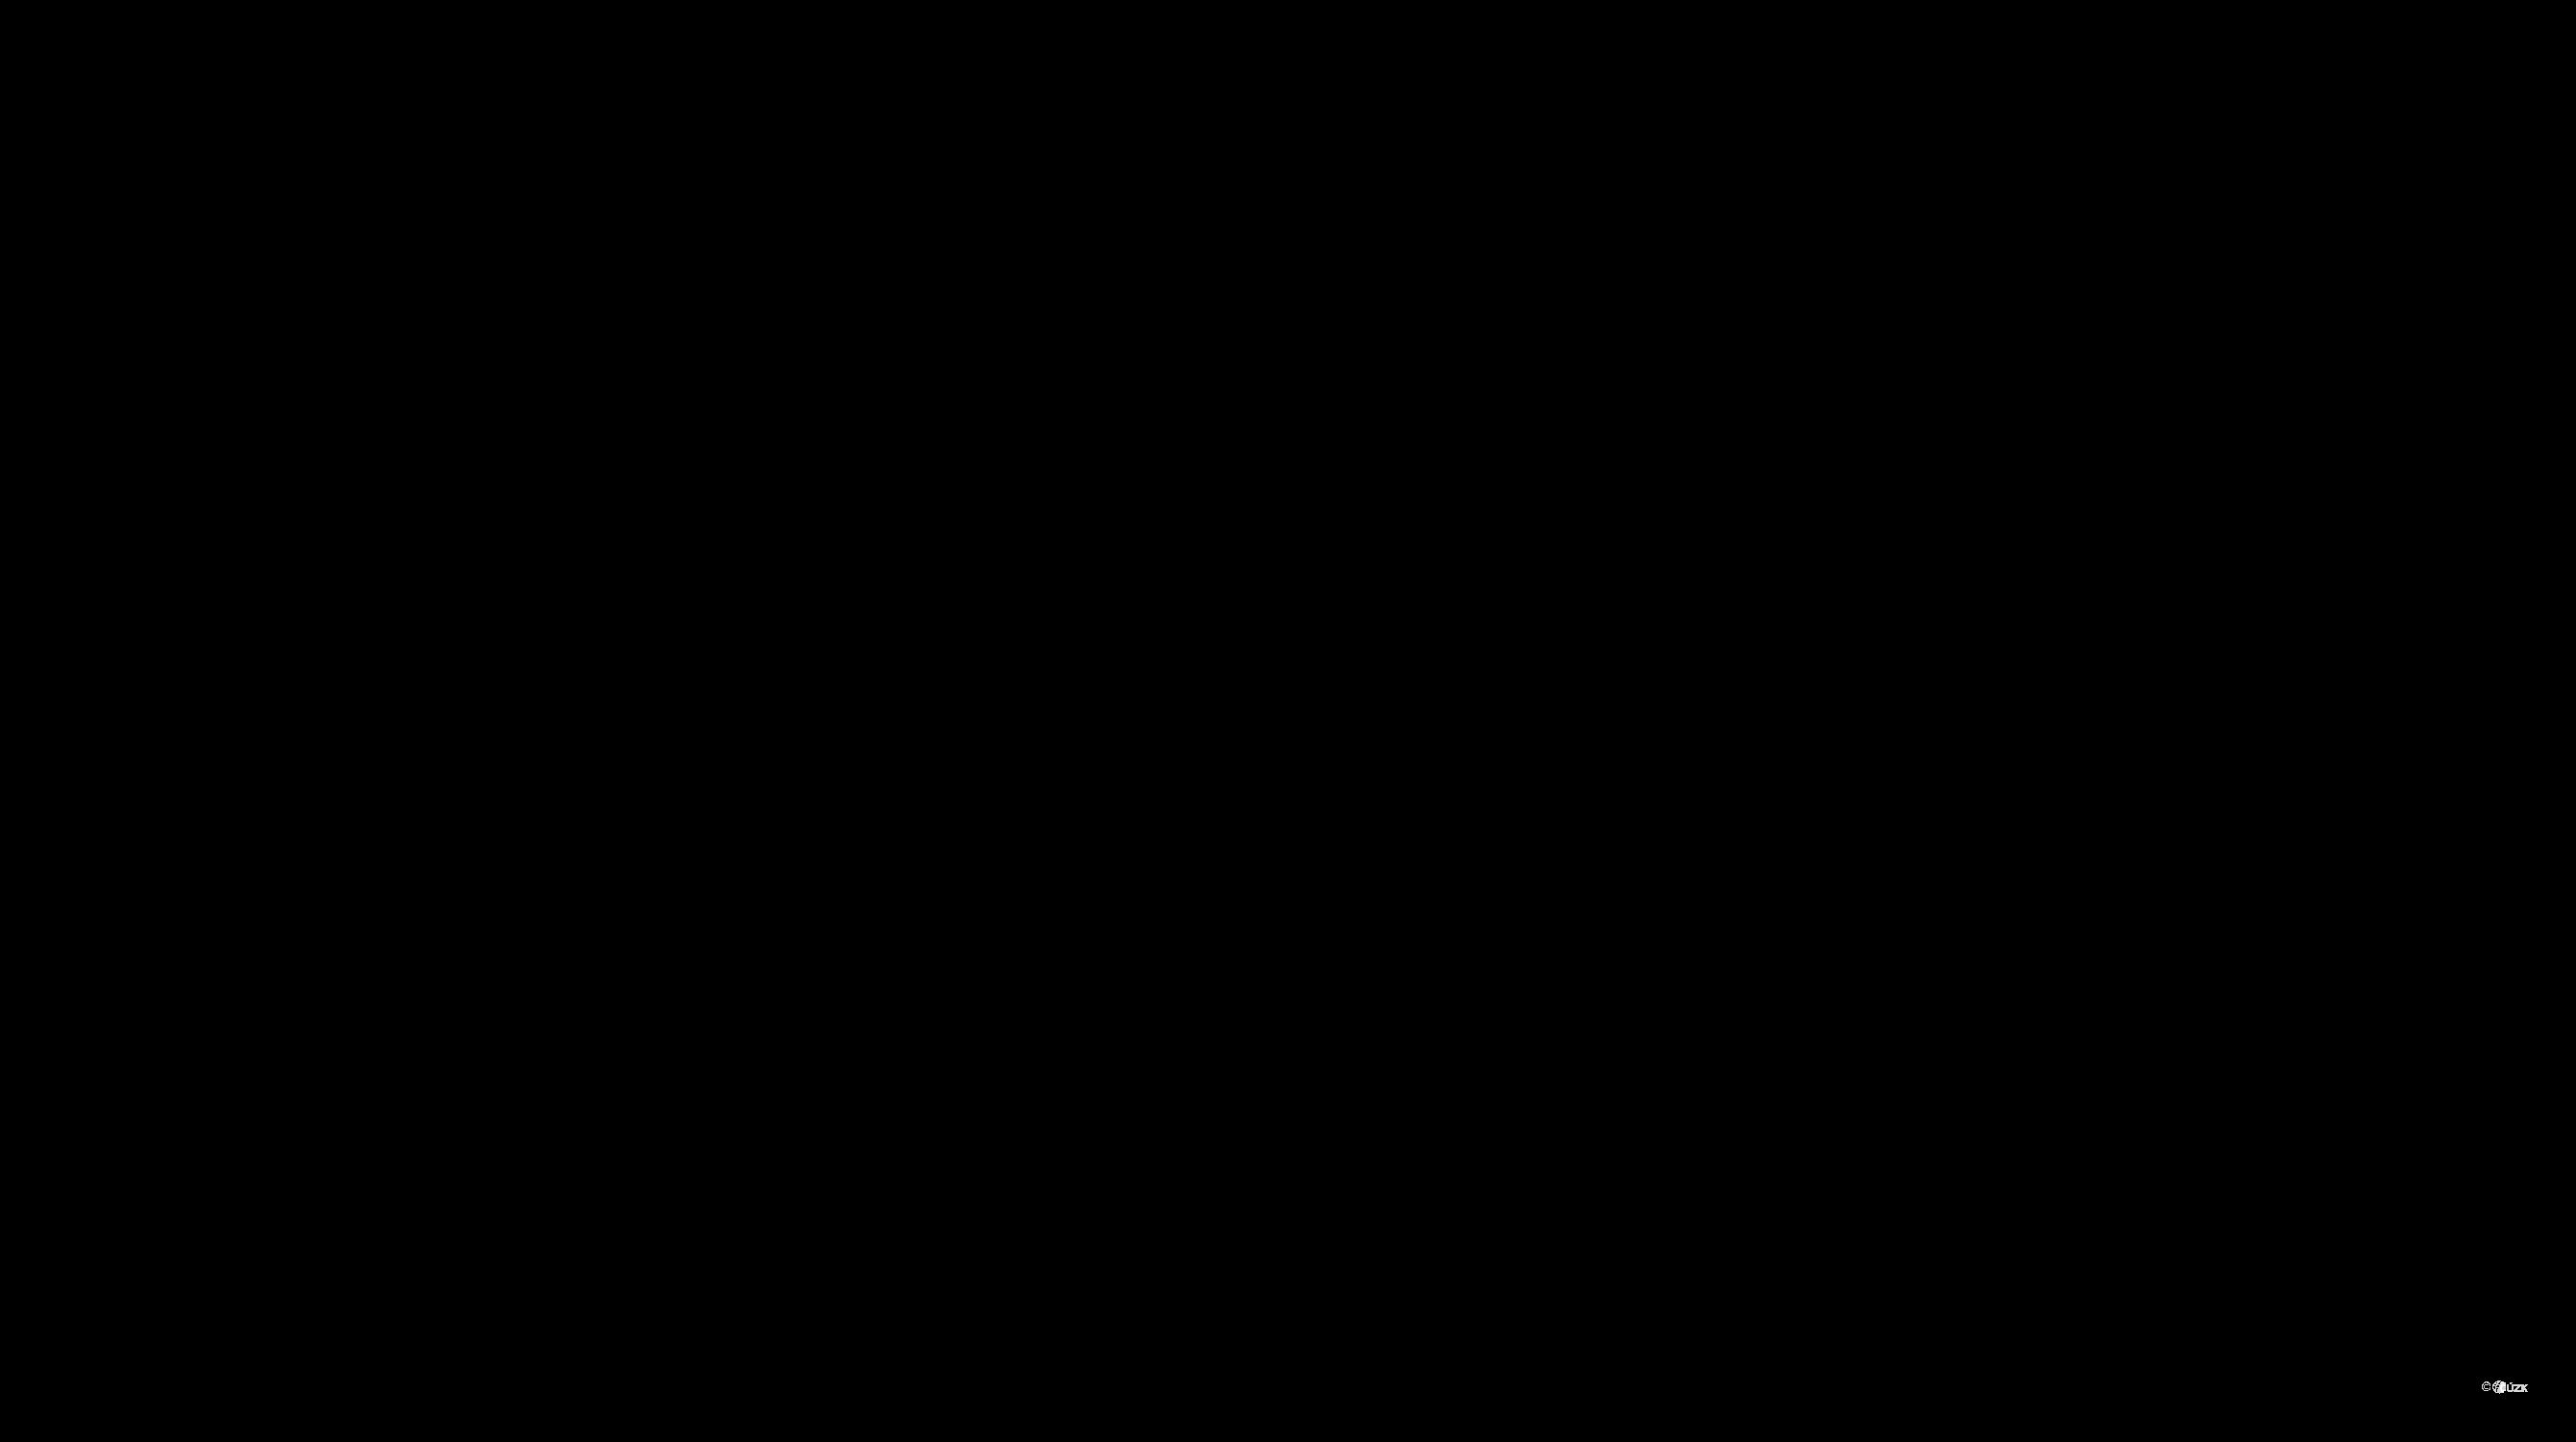 Katastrální mapa pozemků a čísla parcel Branišov u Jihlavy